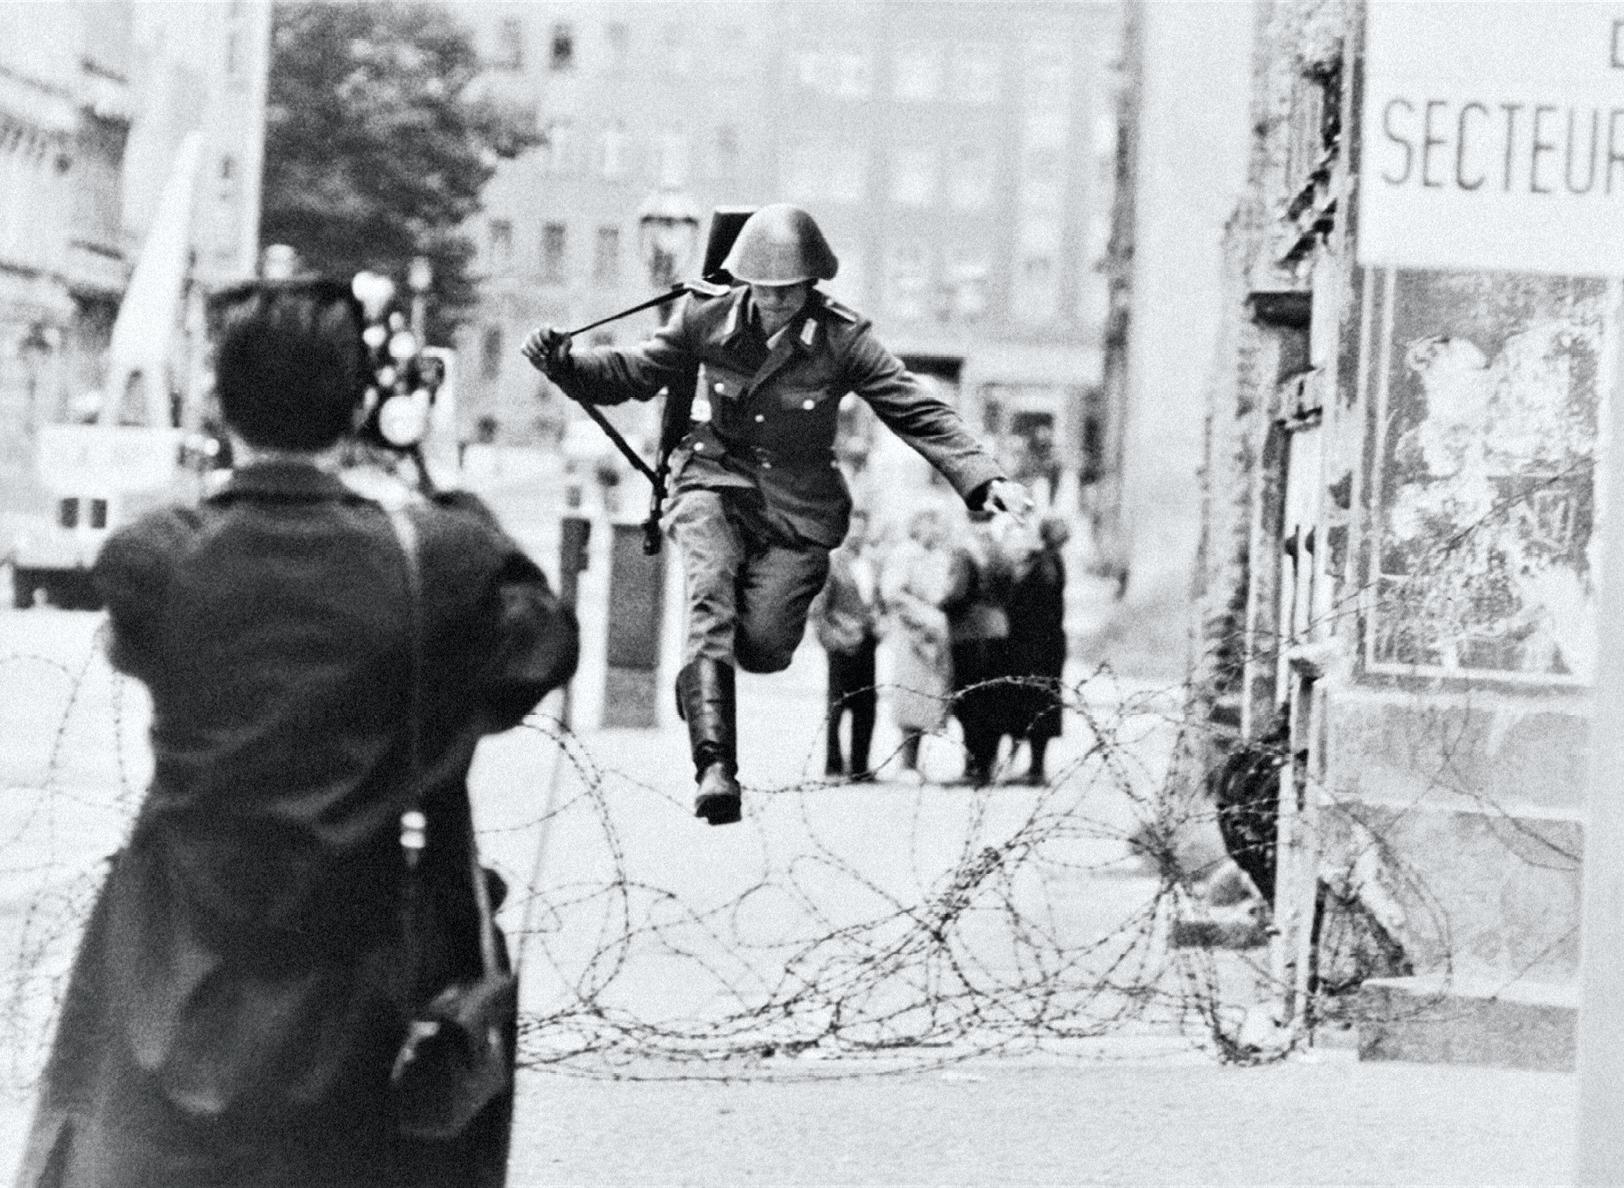 Saut vers la Liberté, photographie de Peter Leibing prise le 15 août 1961.